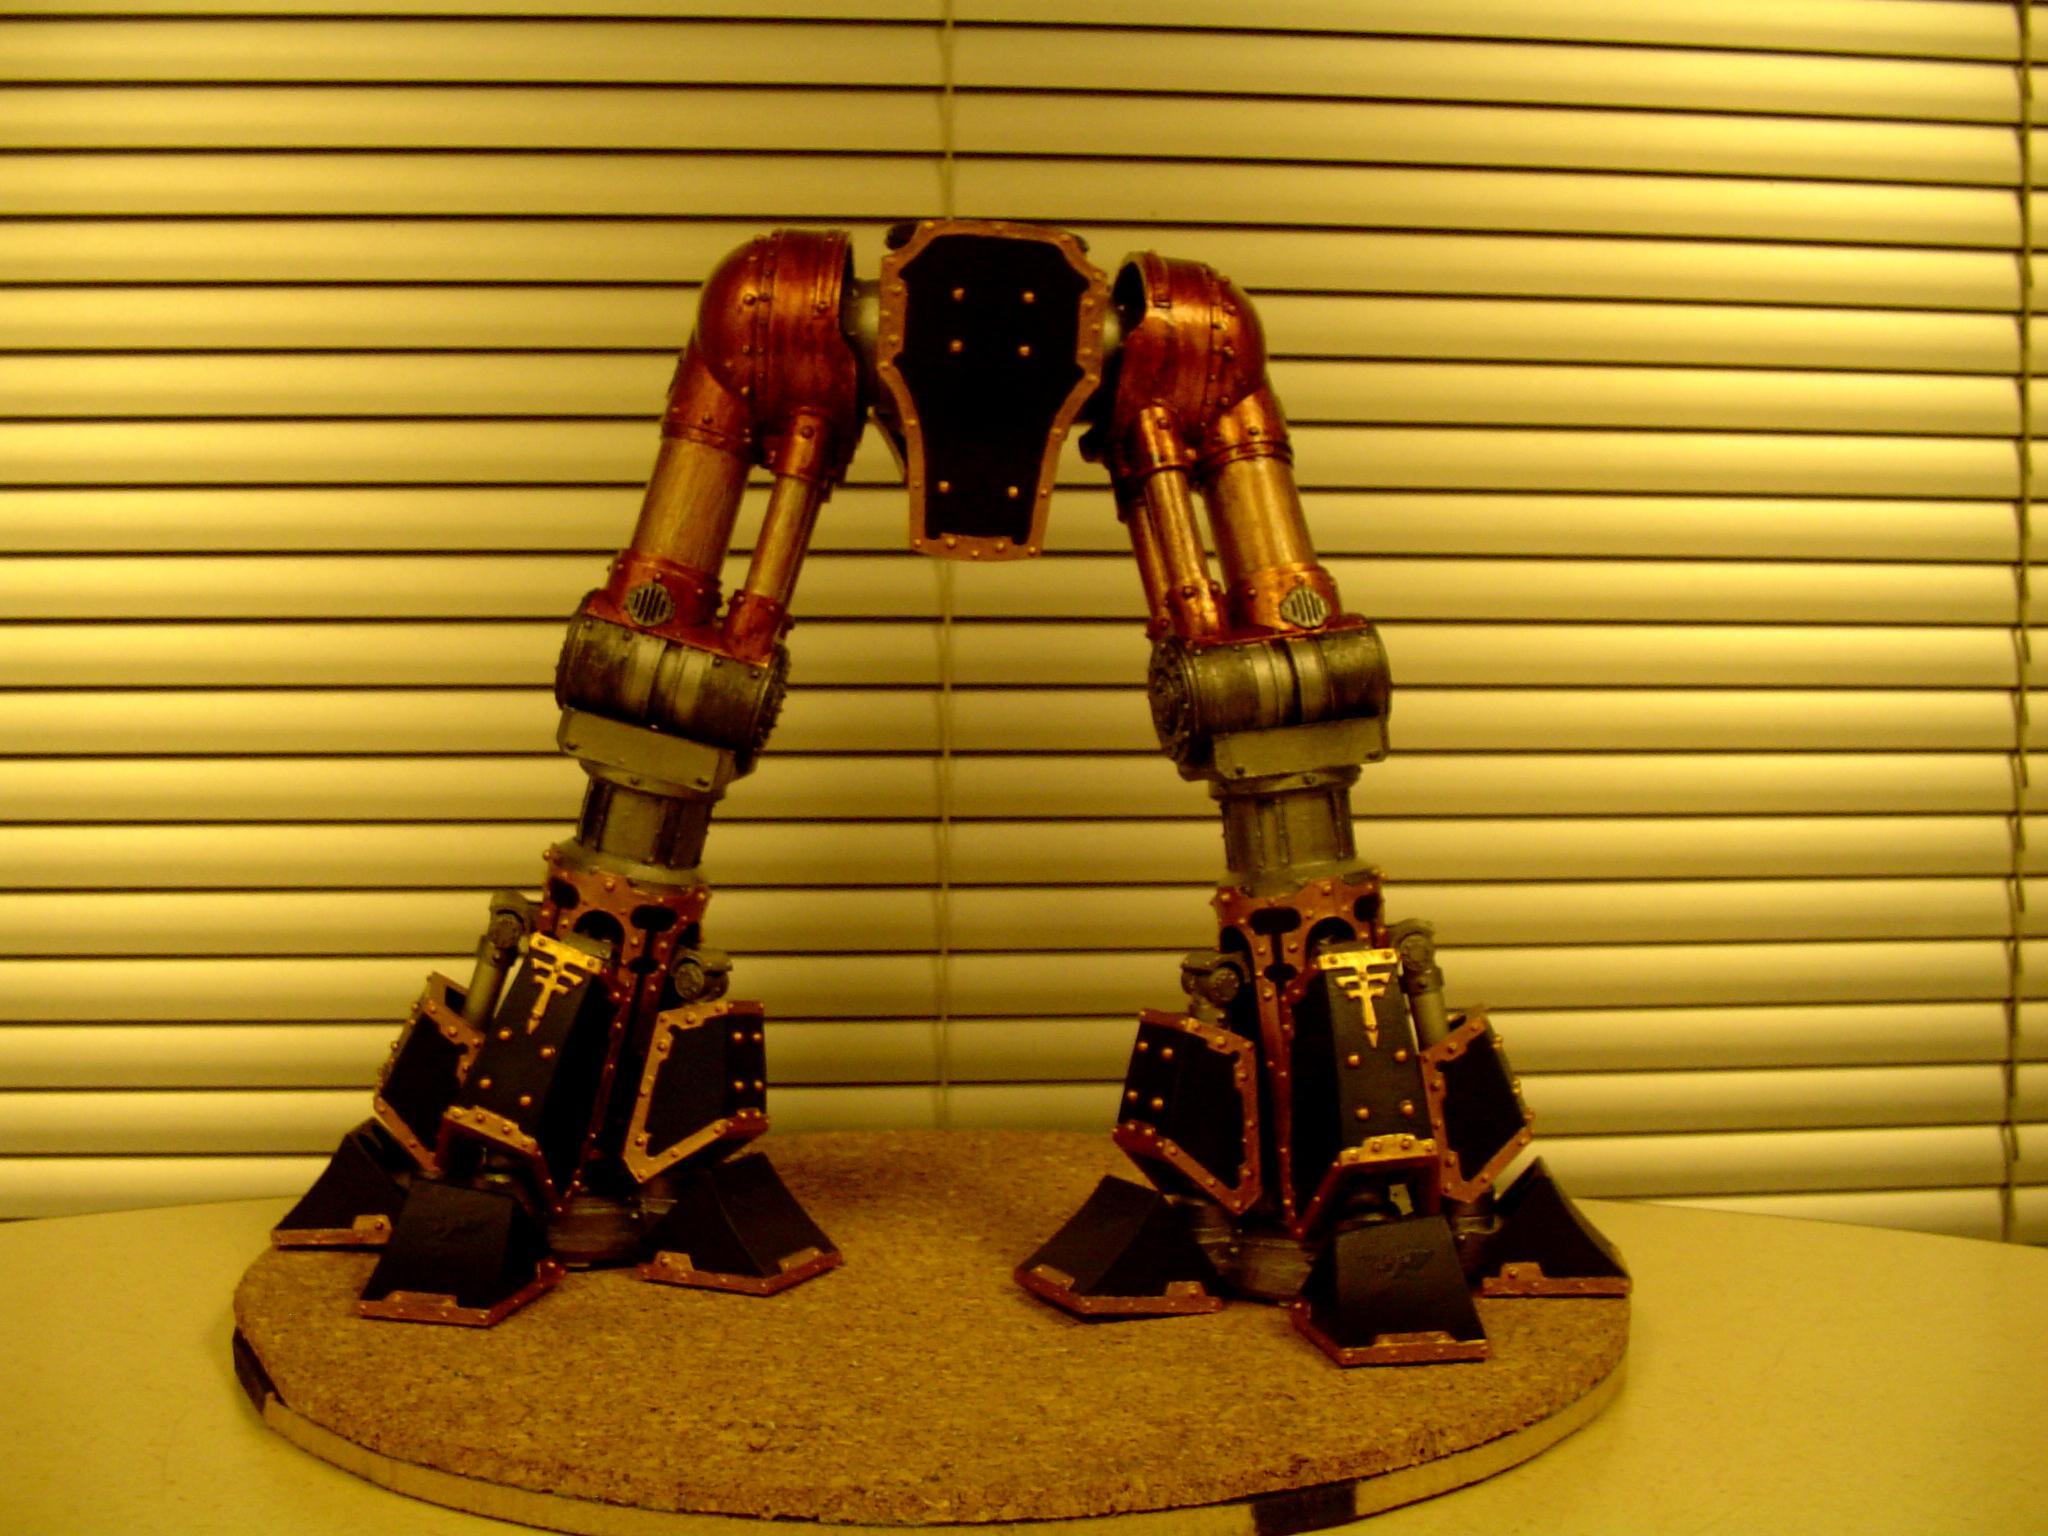 Reaver titan legs and feet